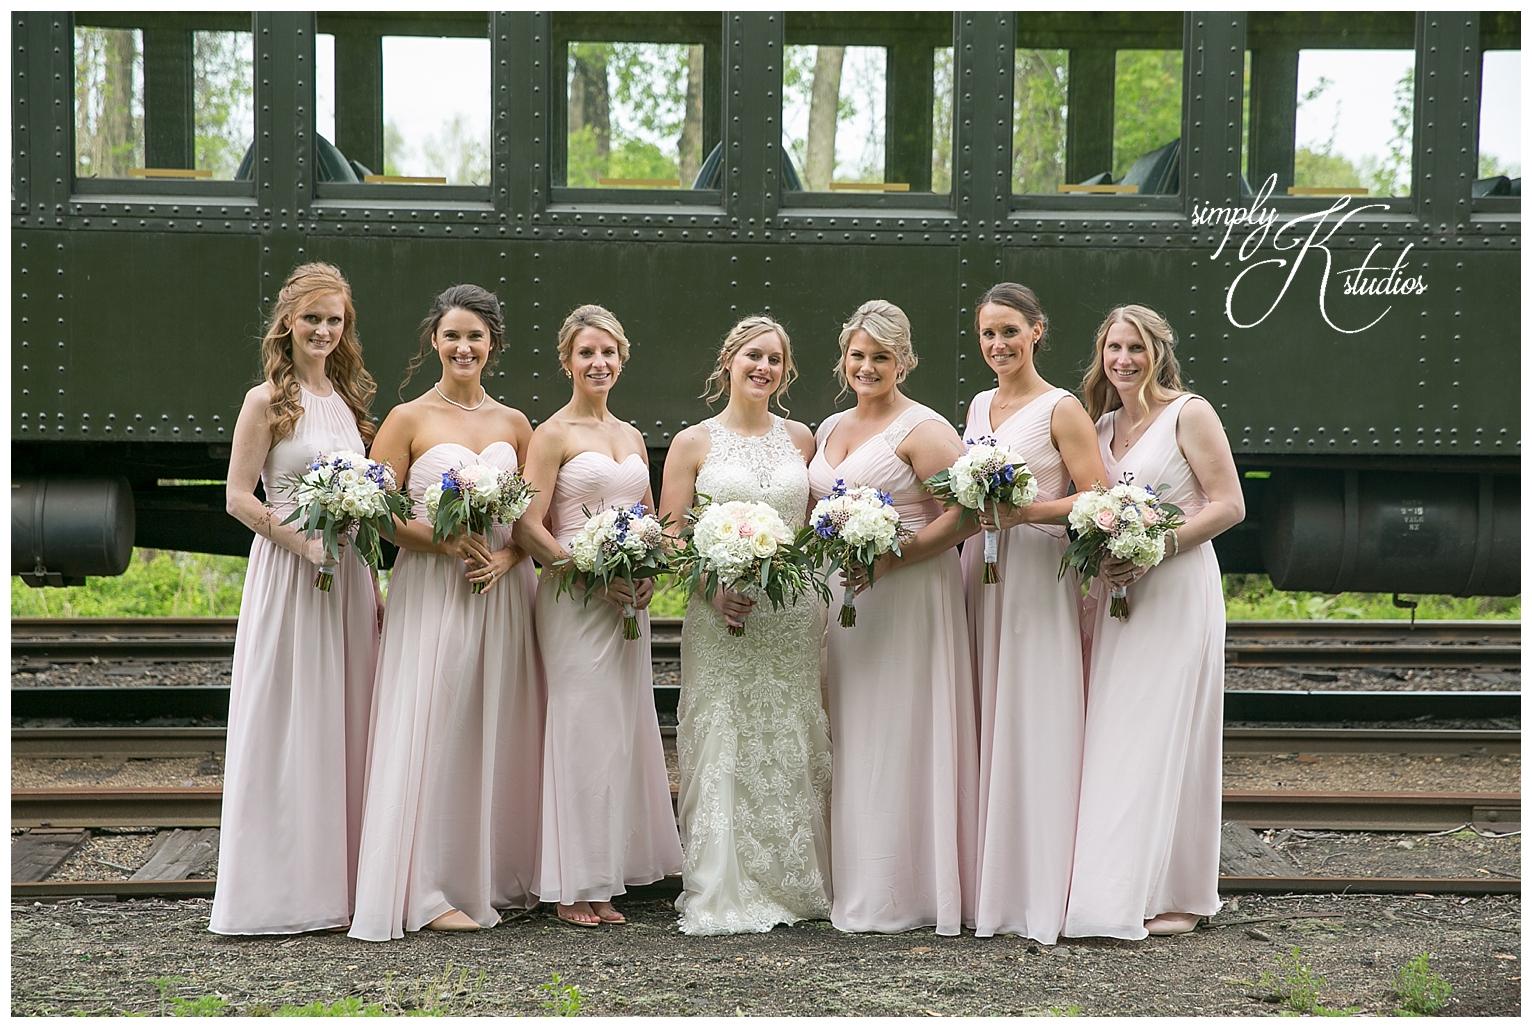 Wedding Chicks.jpg